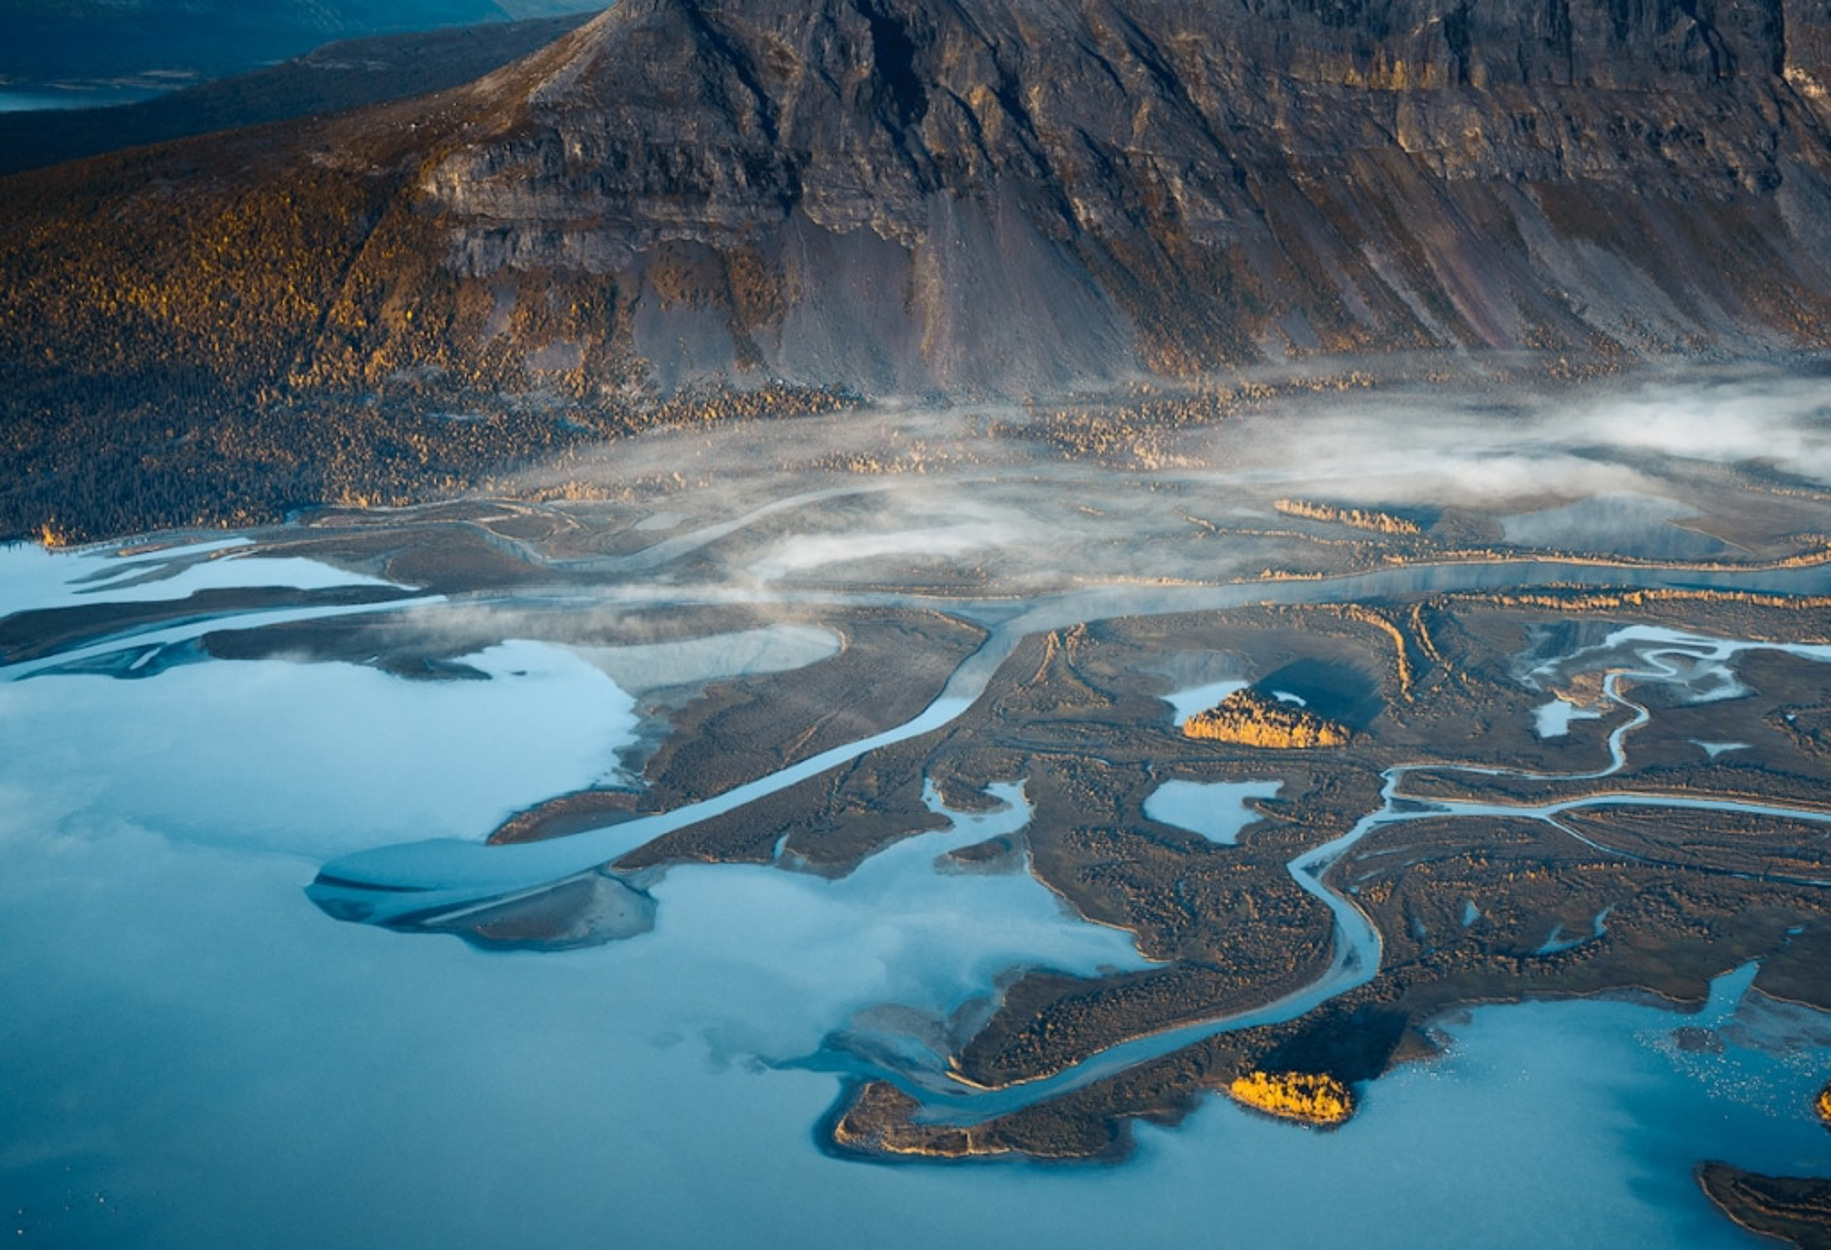 Μαγεία! Η Γη μέσα από 6 αεροφωτογραφίες που εντυπωσιάζουν